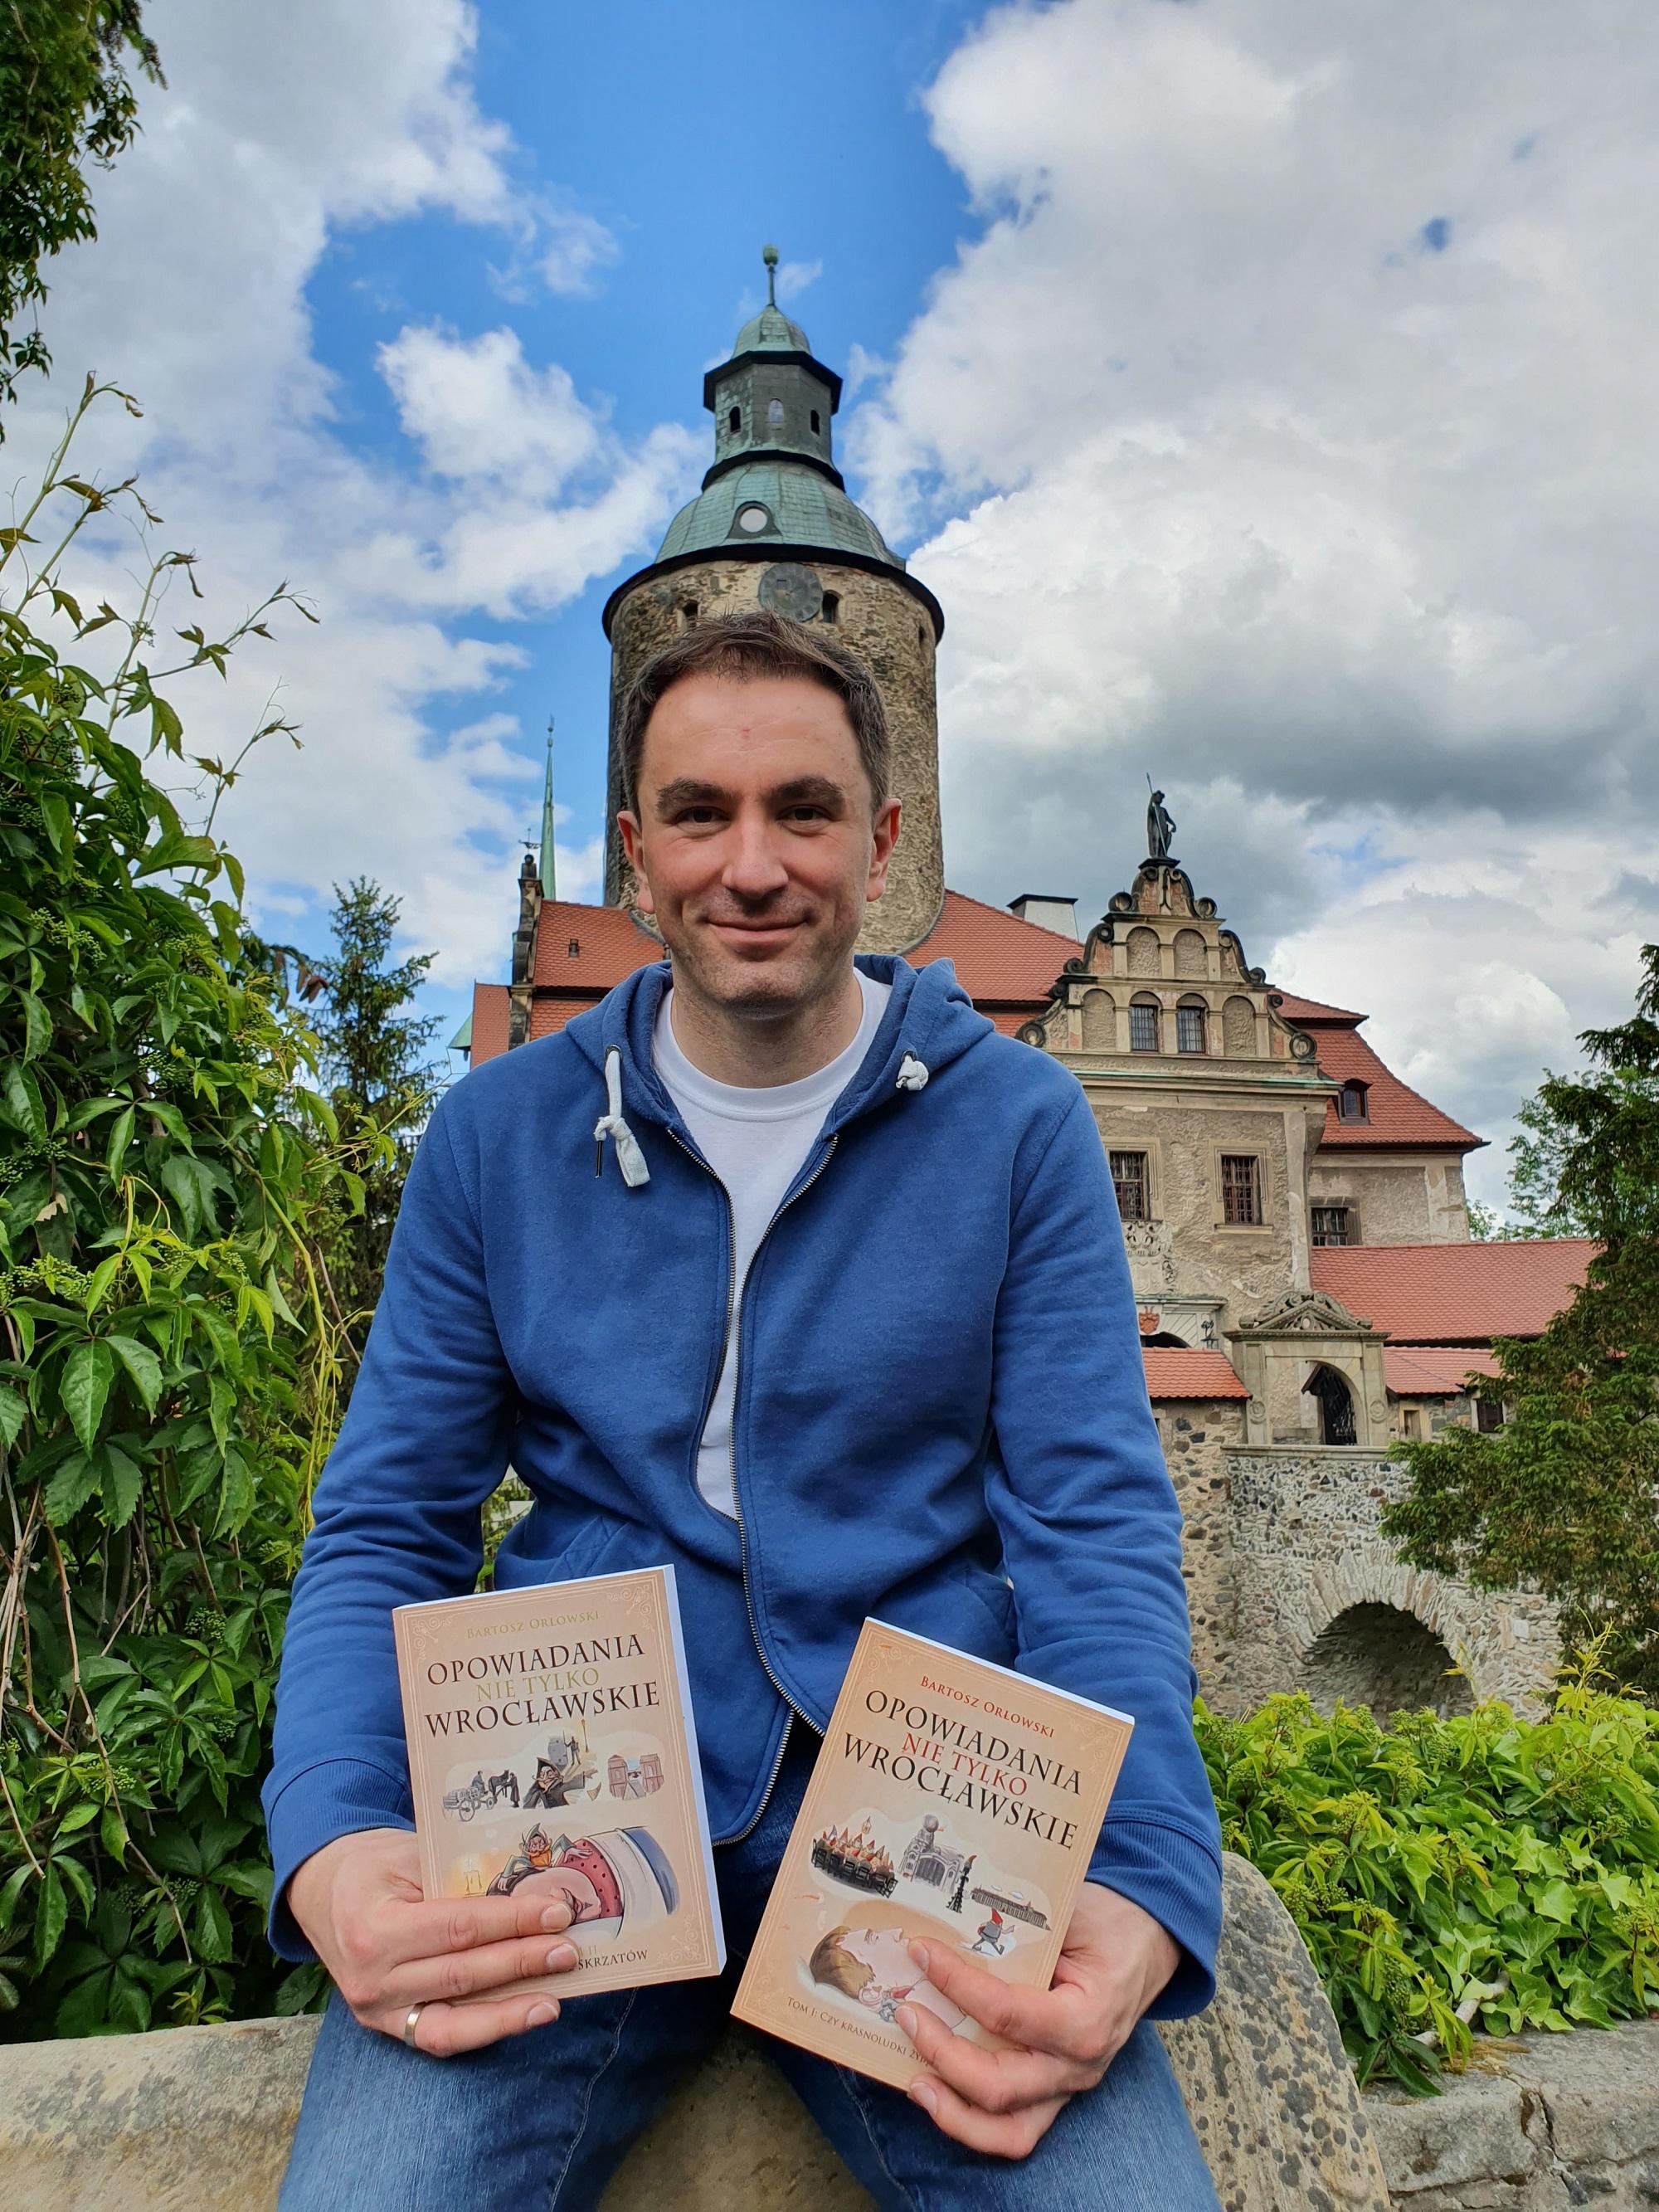 Bartosz Orłowski i Opowiadania nie tylko wrocławskie na zamku Czocha